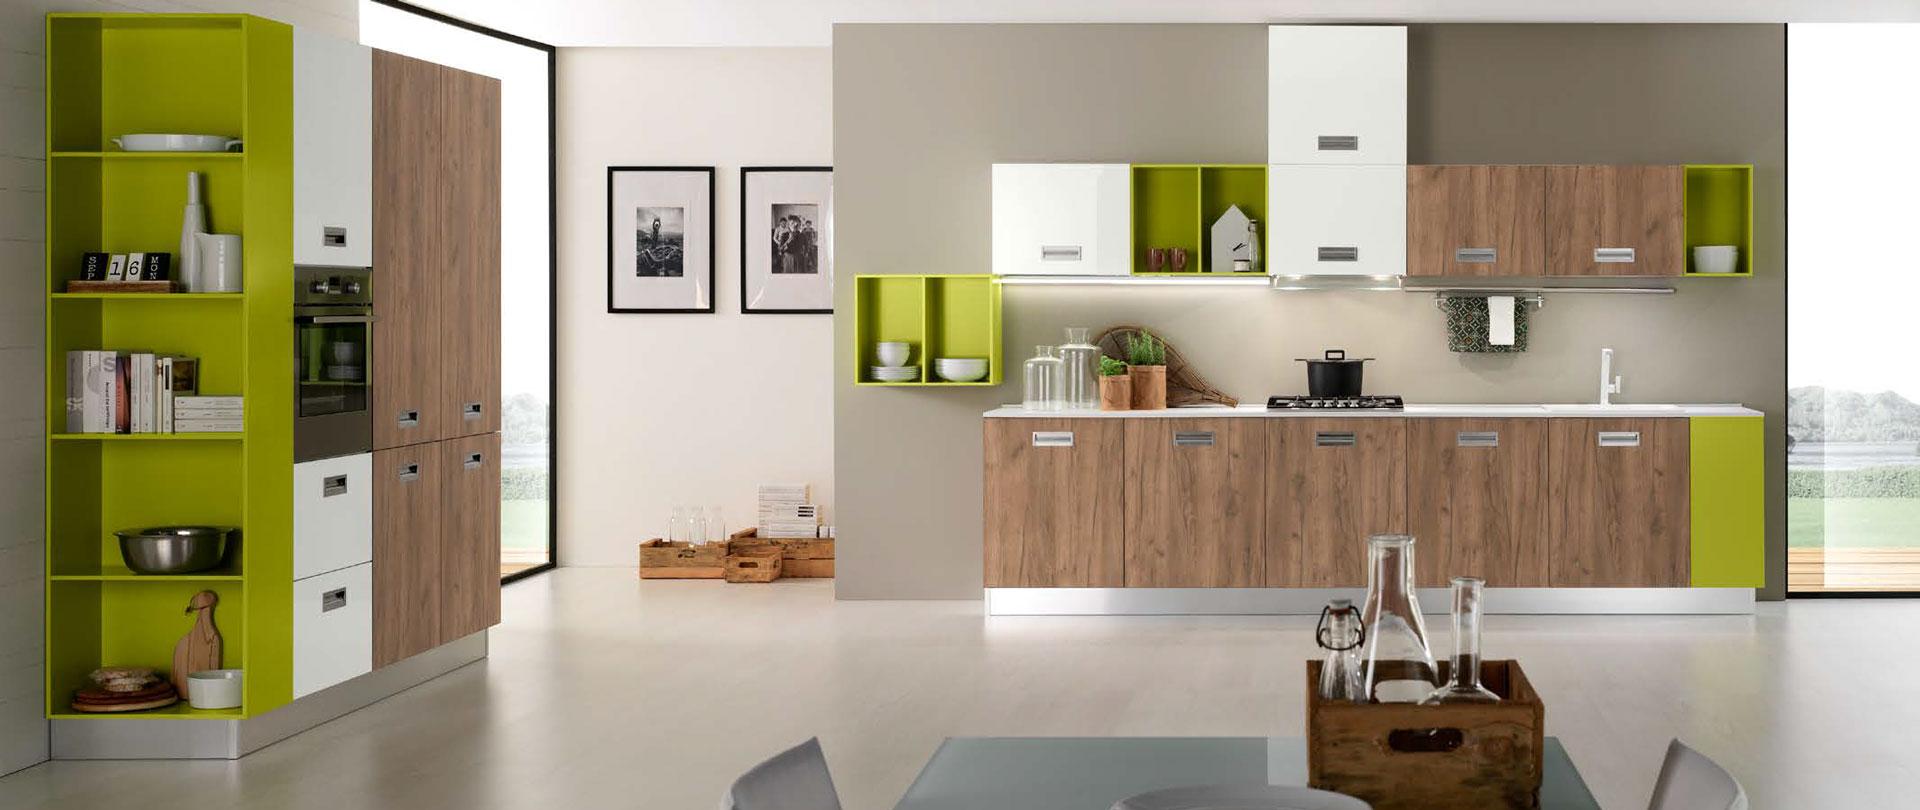 Nevada cucina moderna mobilturi arredi 2000 - Cucine di piccole dimensioni ...